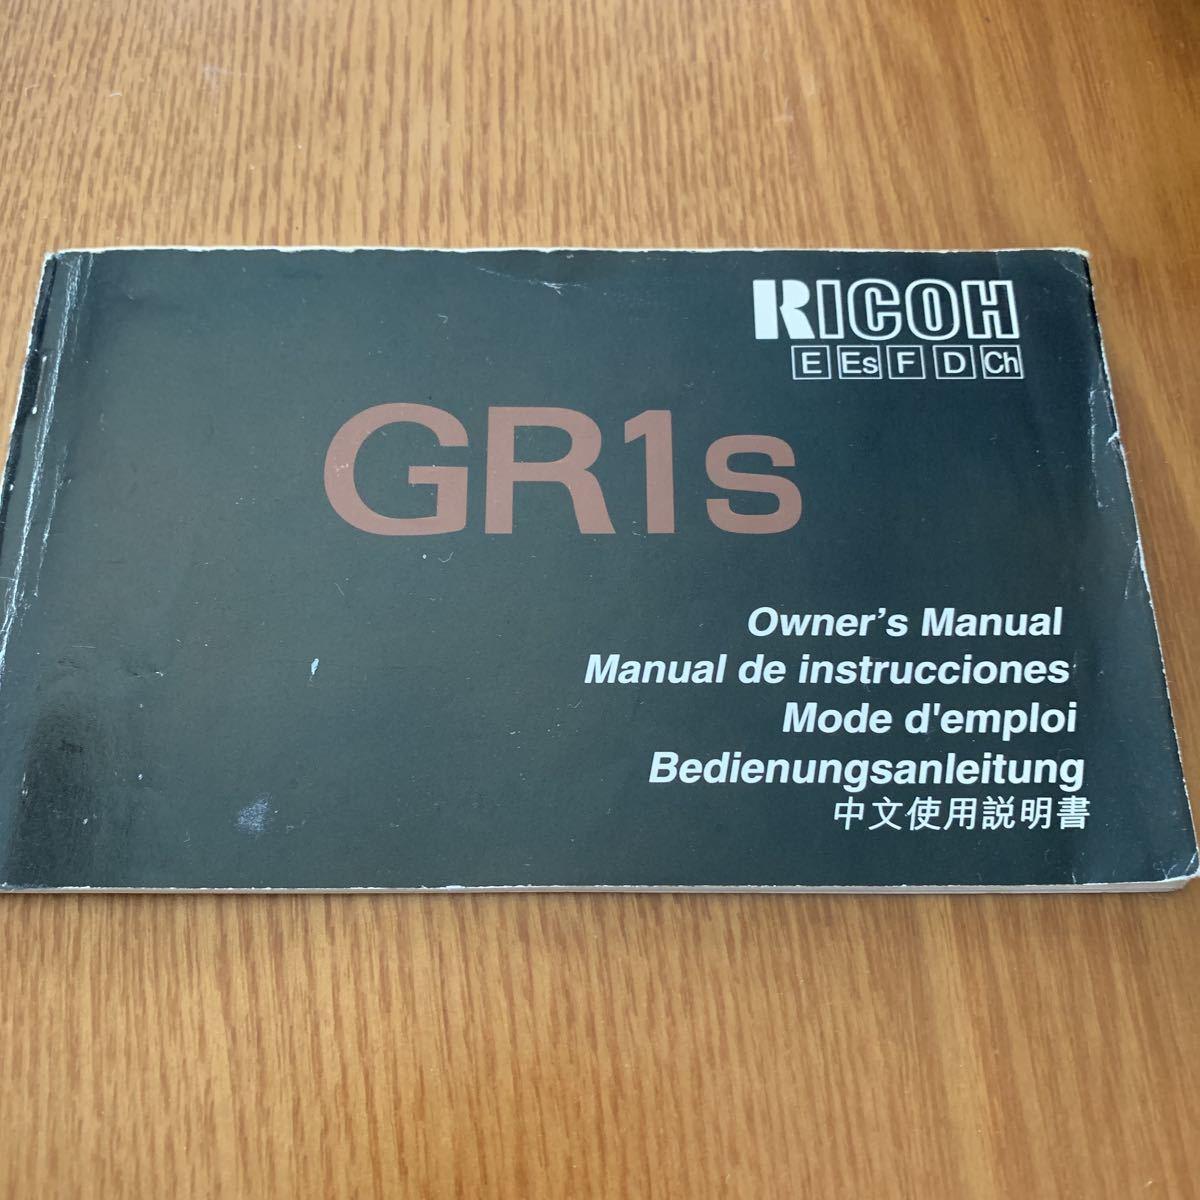 リコー Ricoh フィルム コンパクトカメラ GR1s 中古美品_画像8